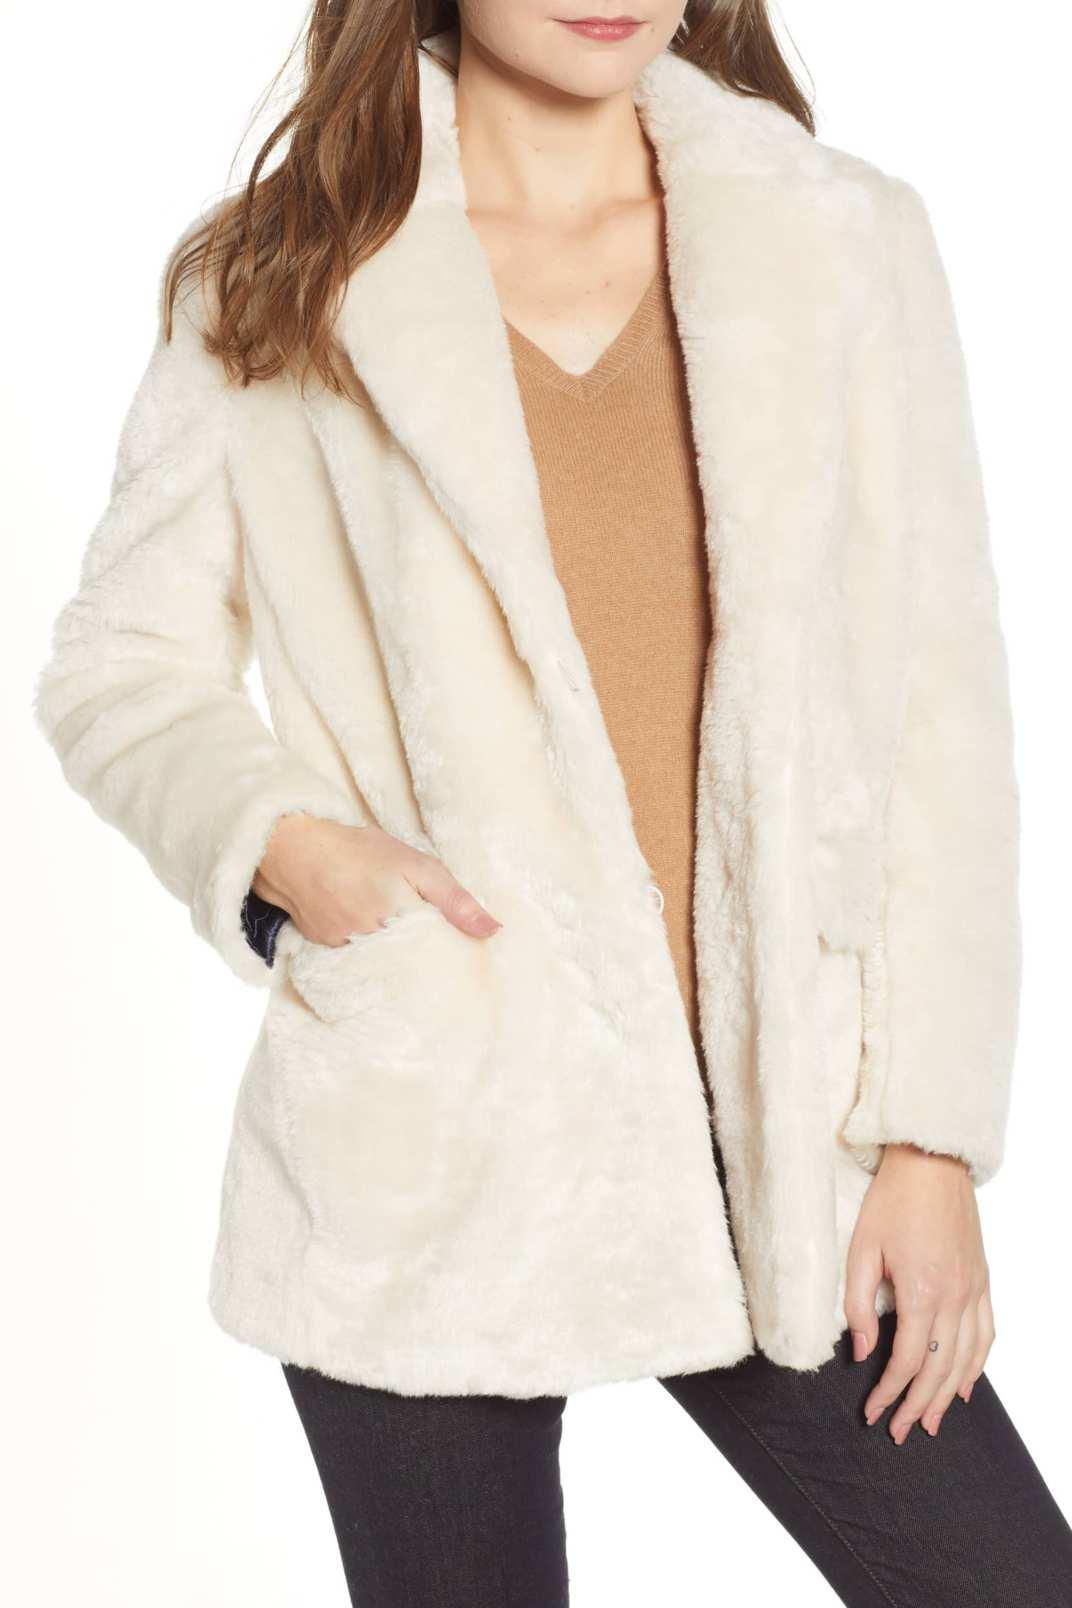 J.Crew Yuna Teddy Faux Fur Jacket